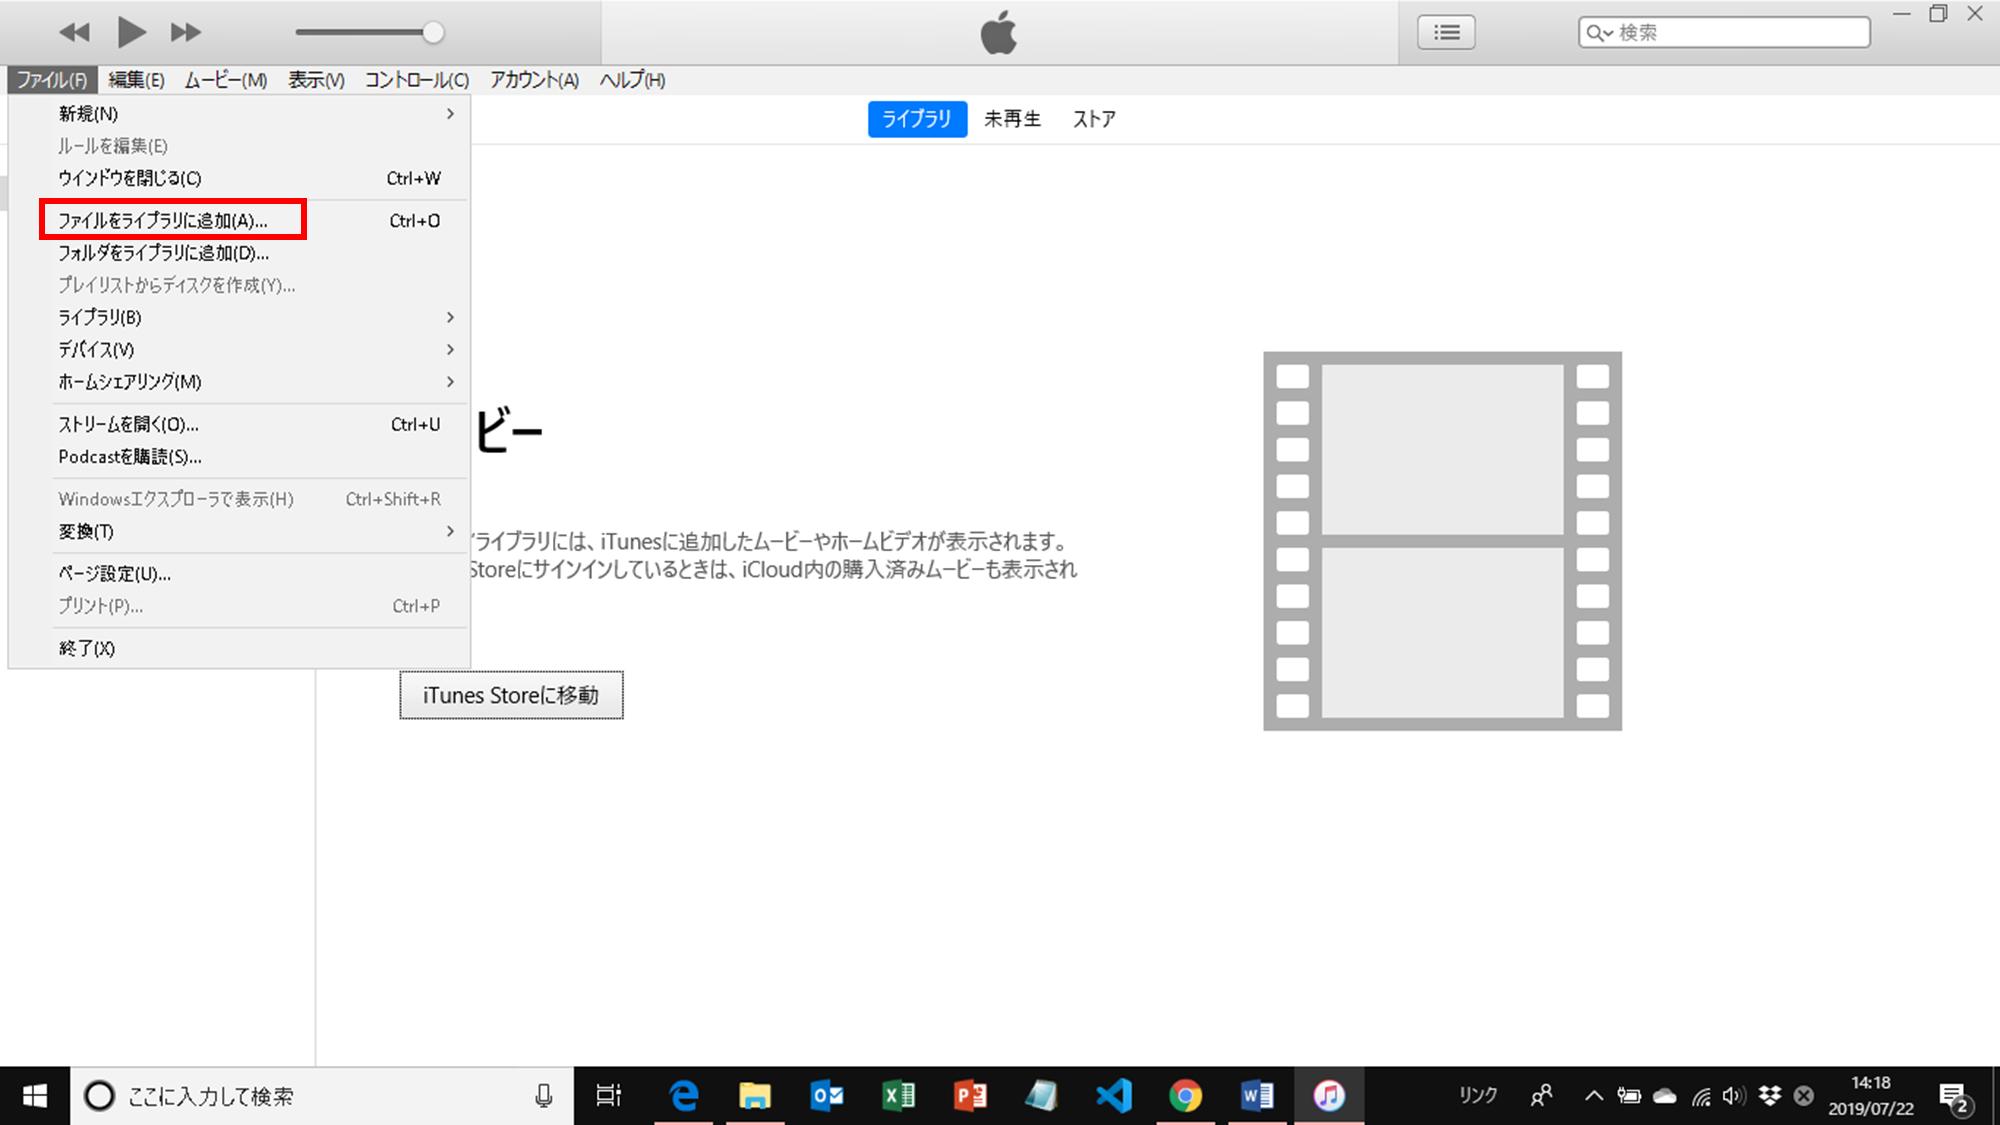 ②「ファイルをライブラリに追加」を選択します。